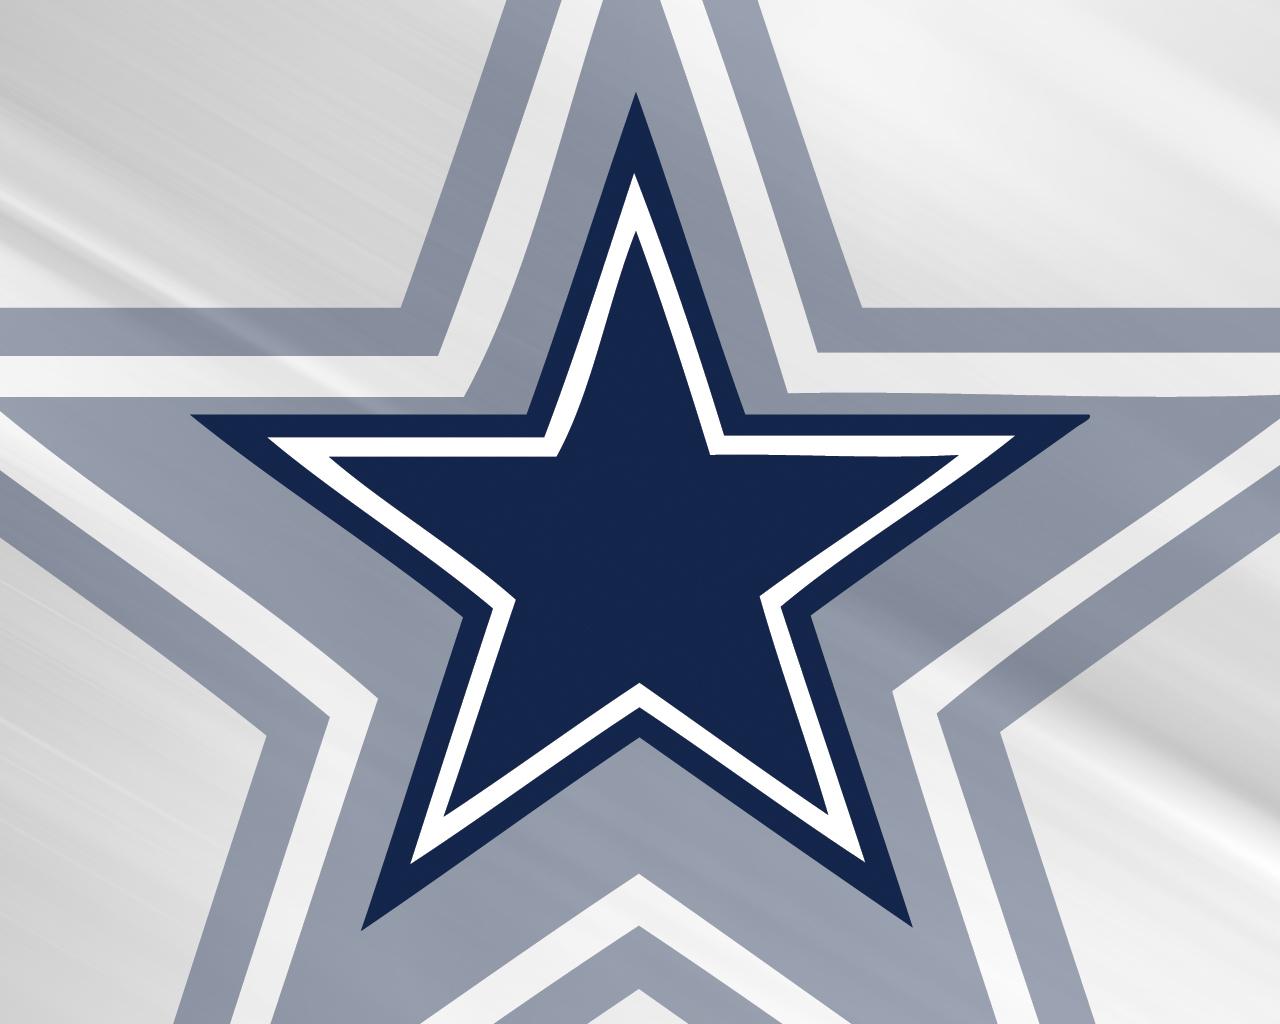 dallas-cowboys-dallas-cowboys-15496395-1280-1024